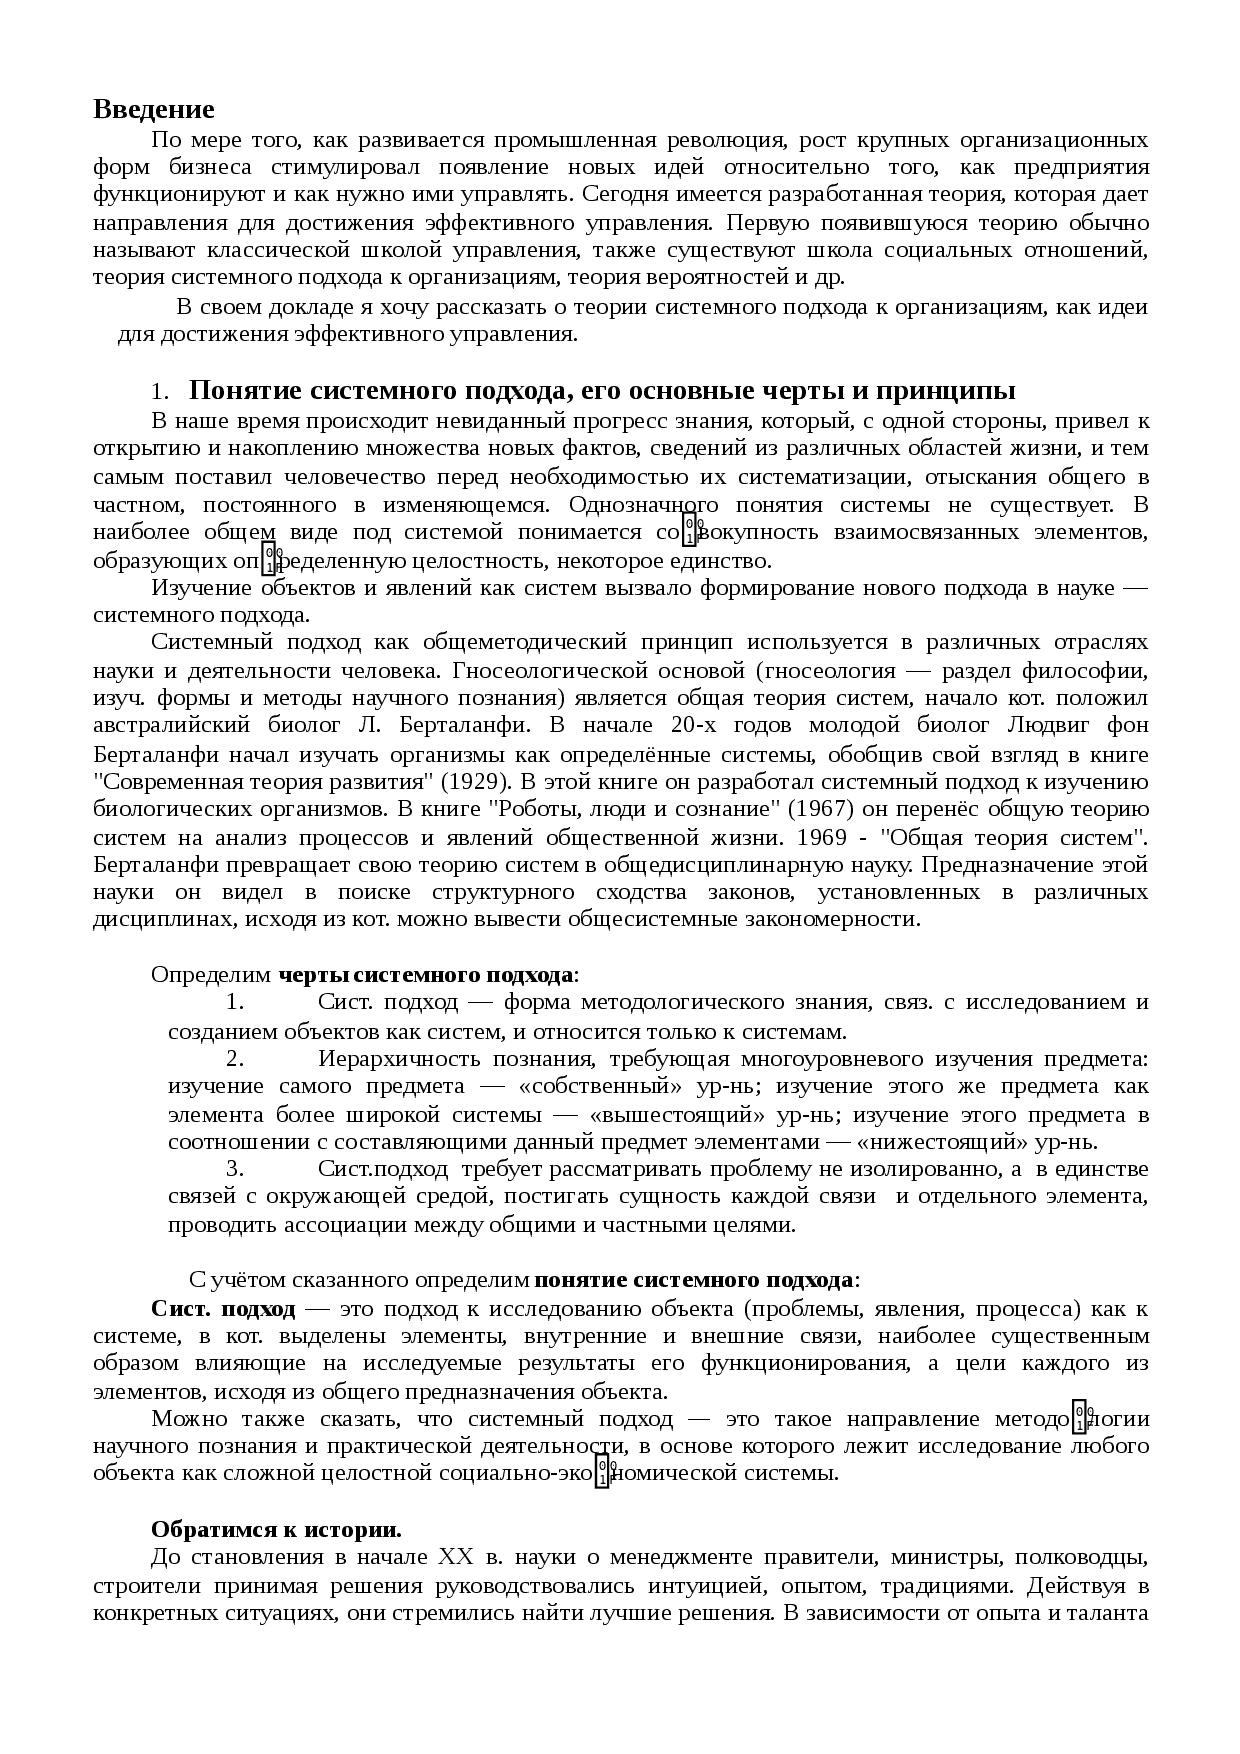 Основные положения системного подхода